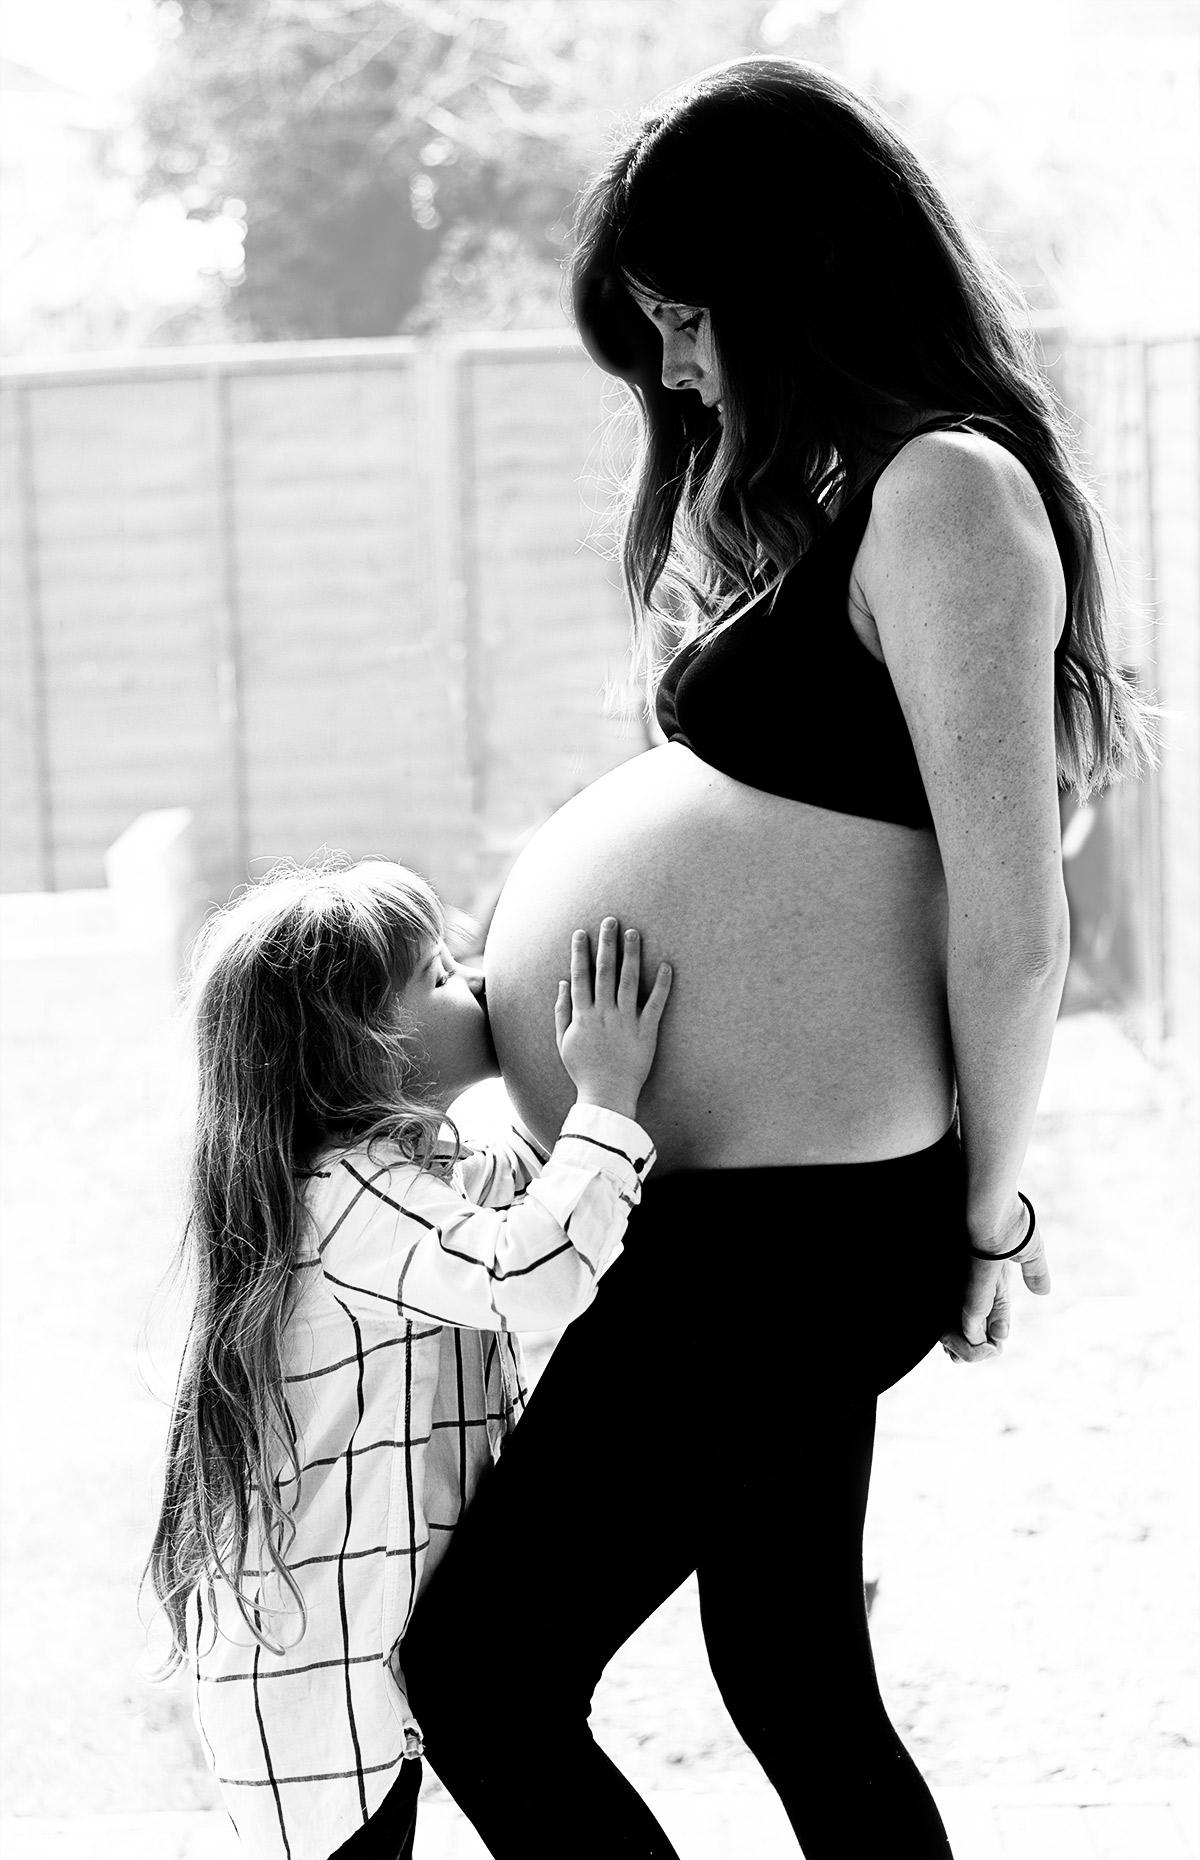 34_weeks_pregnant_7